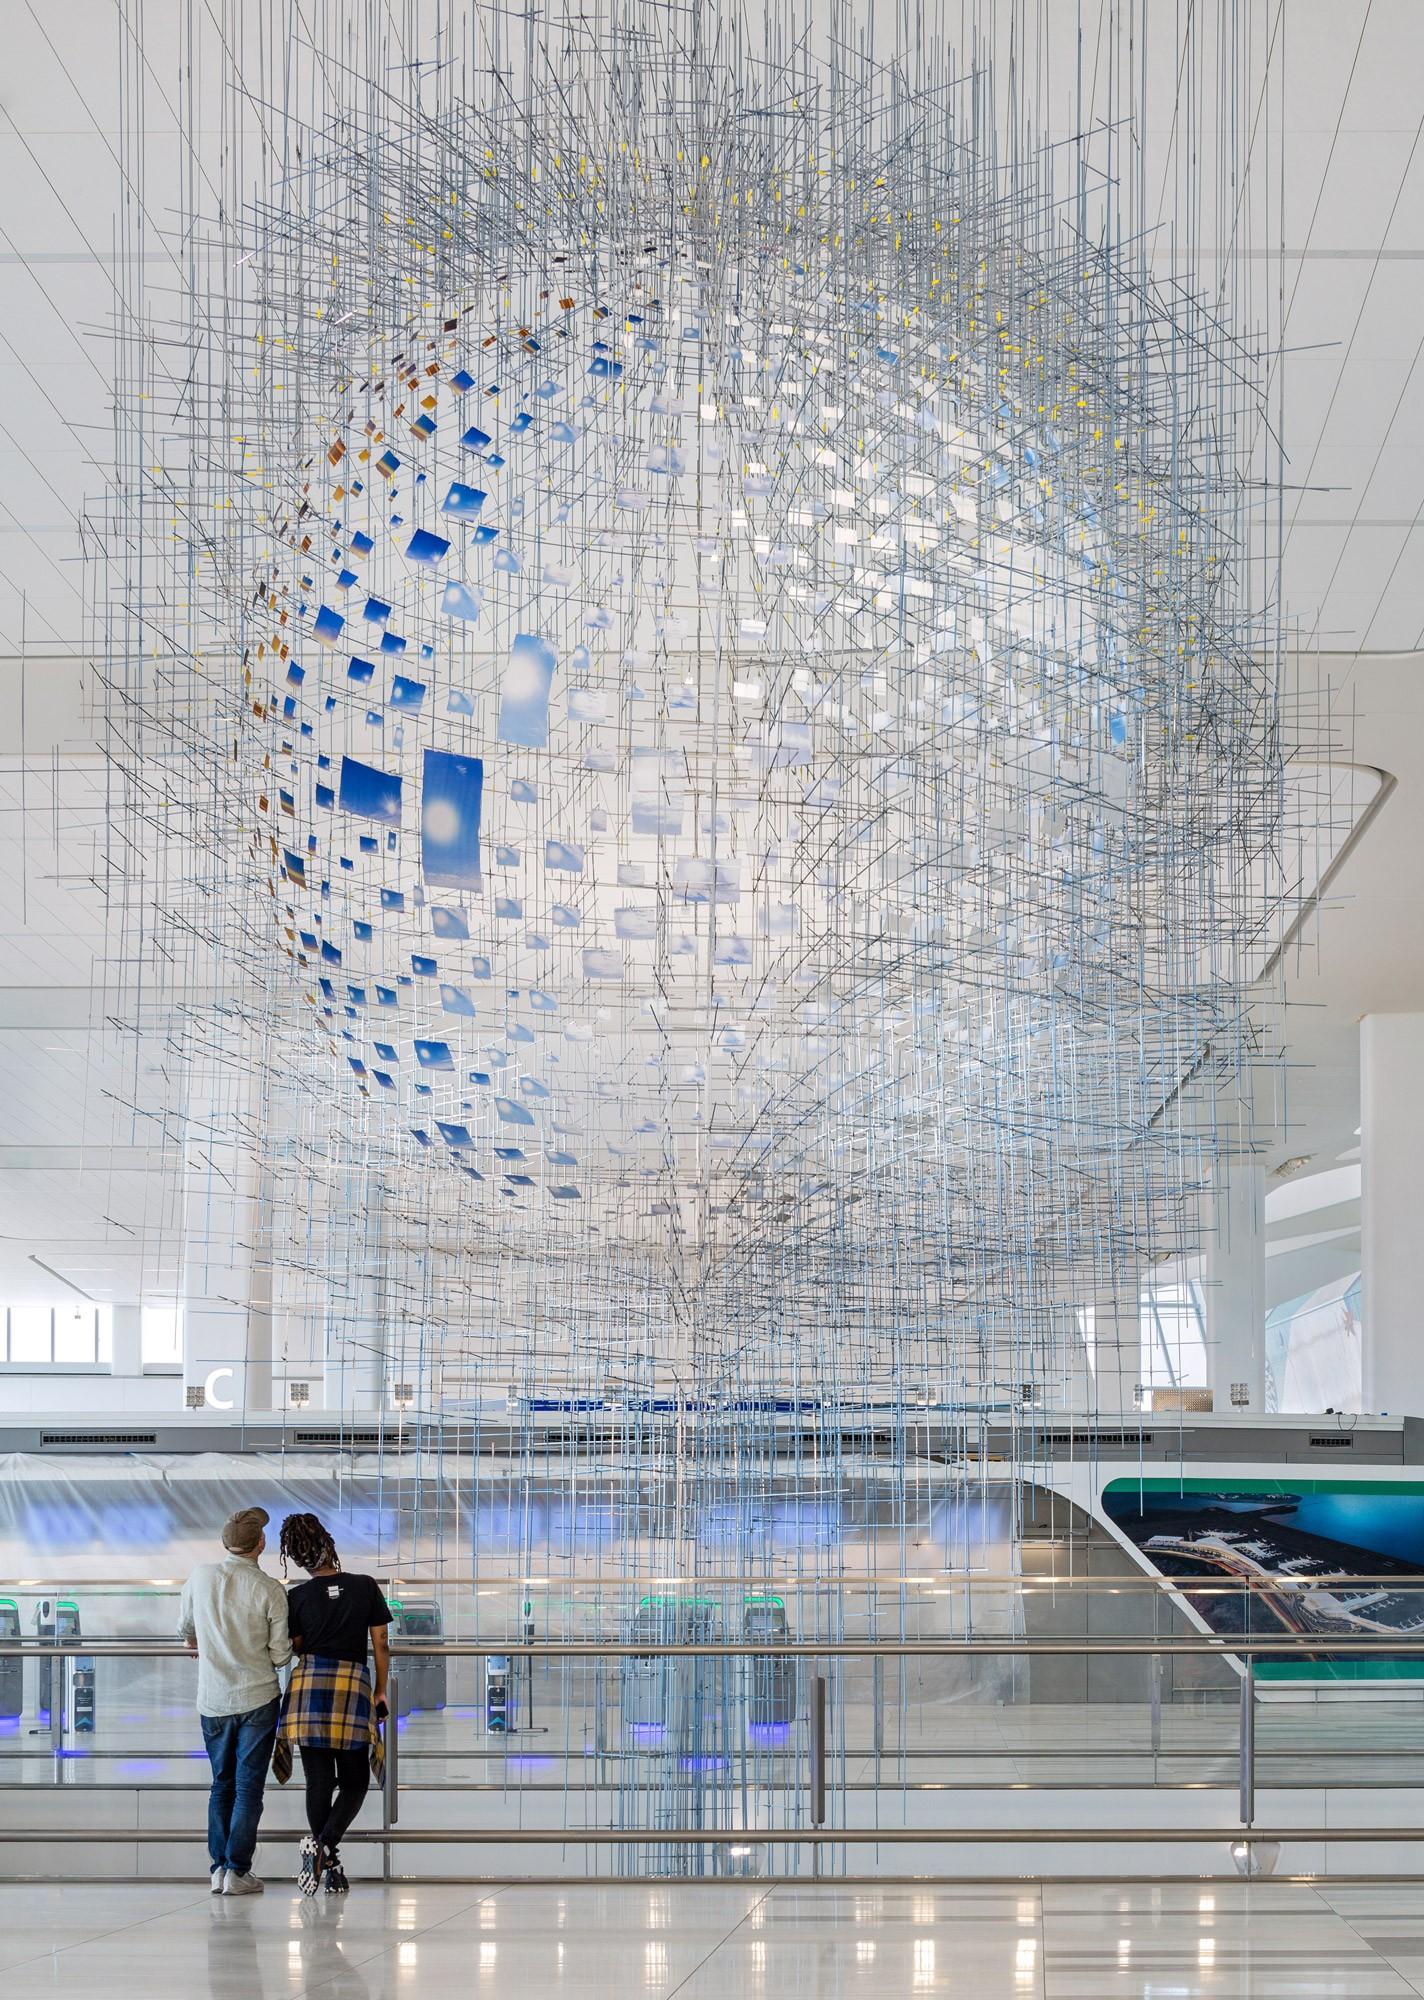 Aeroporto de Nova York tem terminal que é quase uma galeria de arte (Foto: Nicholas Knight e Tom Powell Imaging (Divulgação))